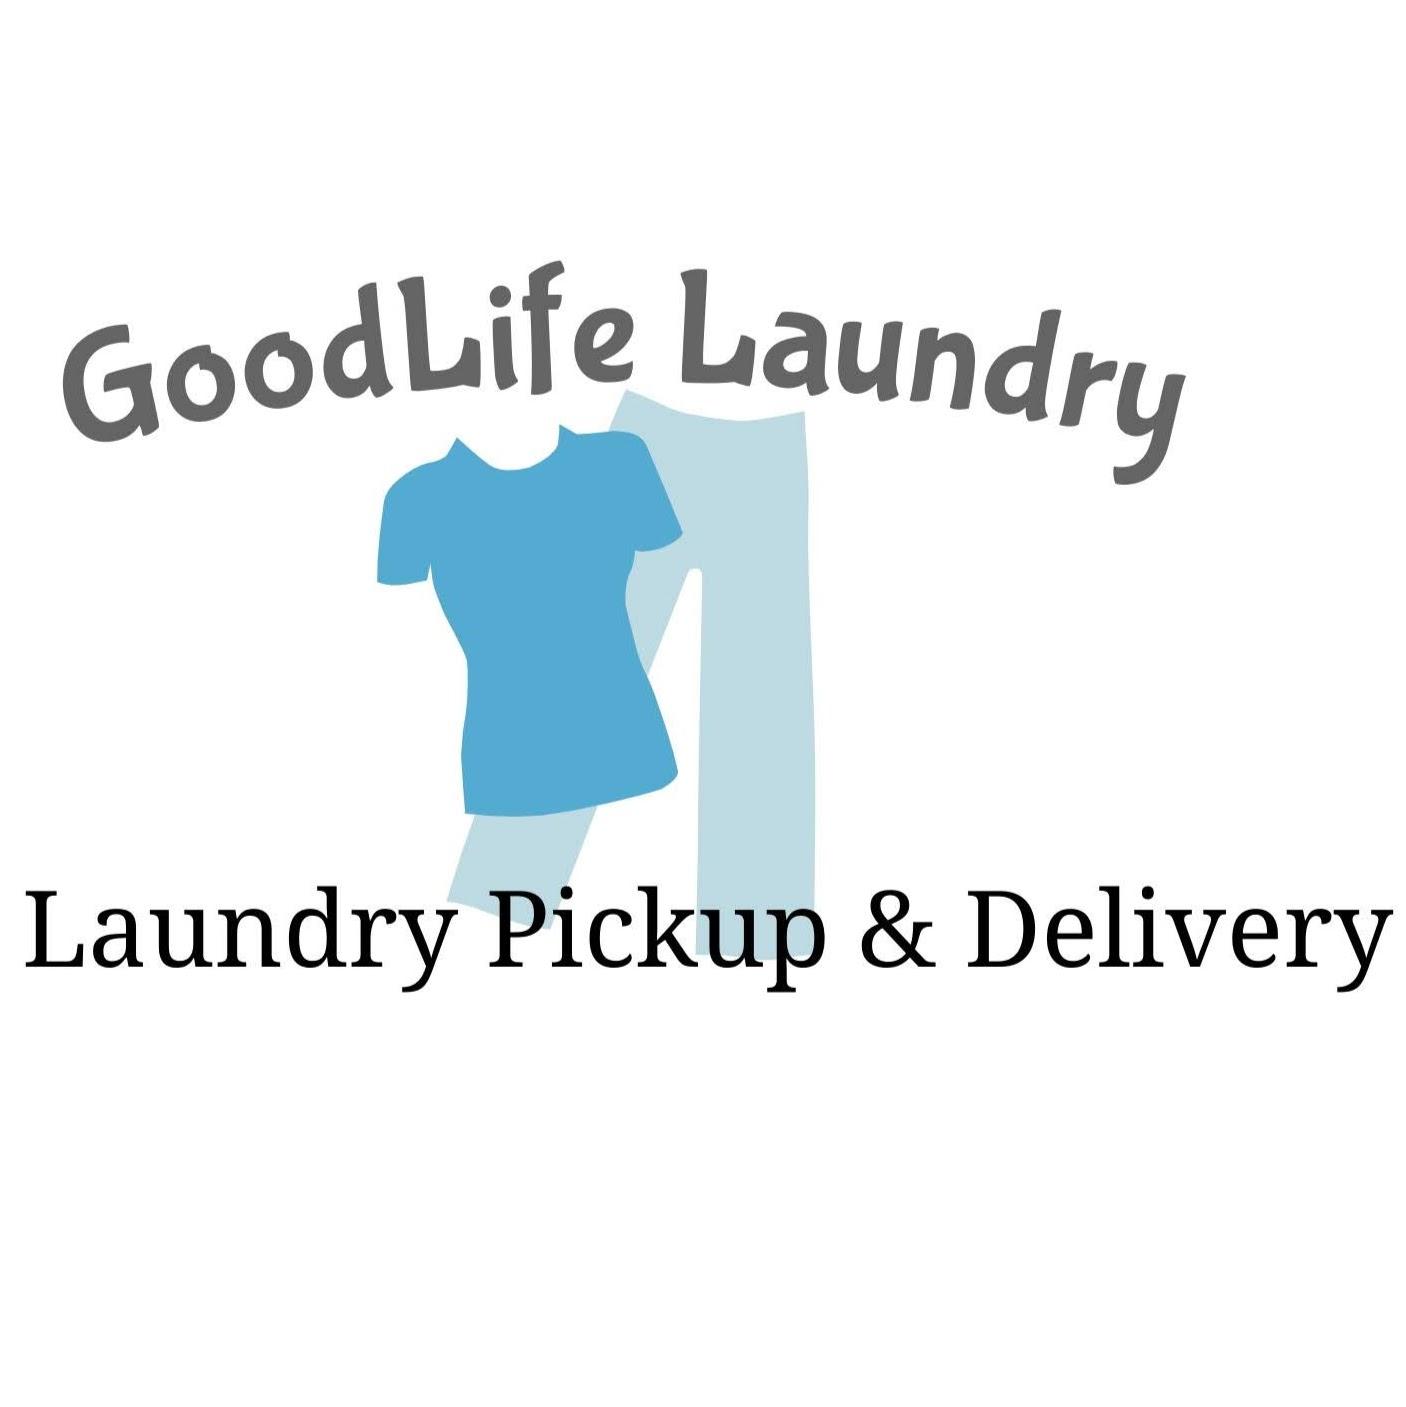 Goodlife Laundry Service